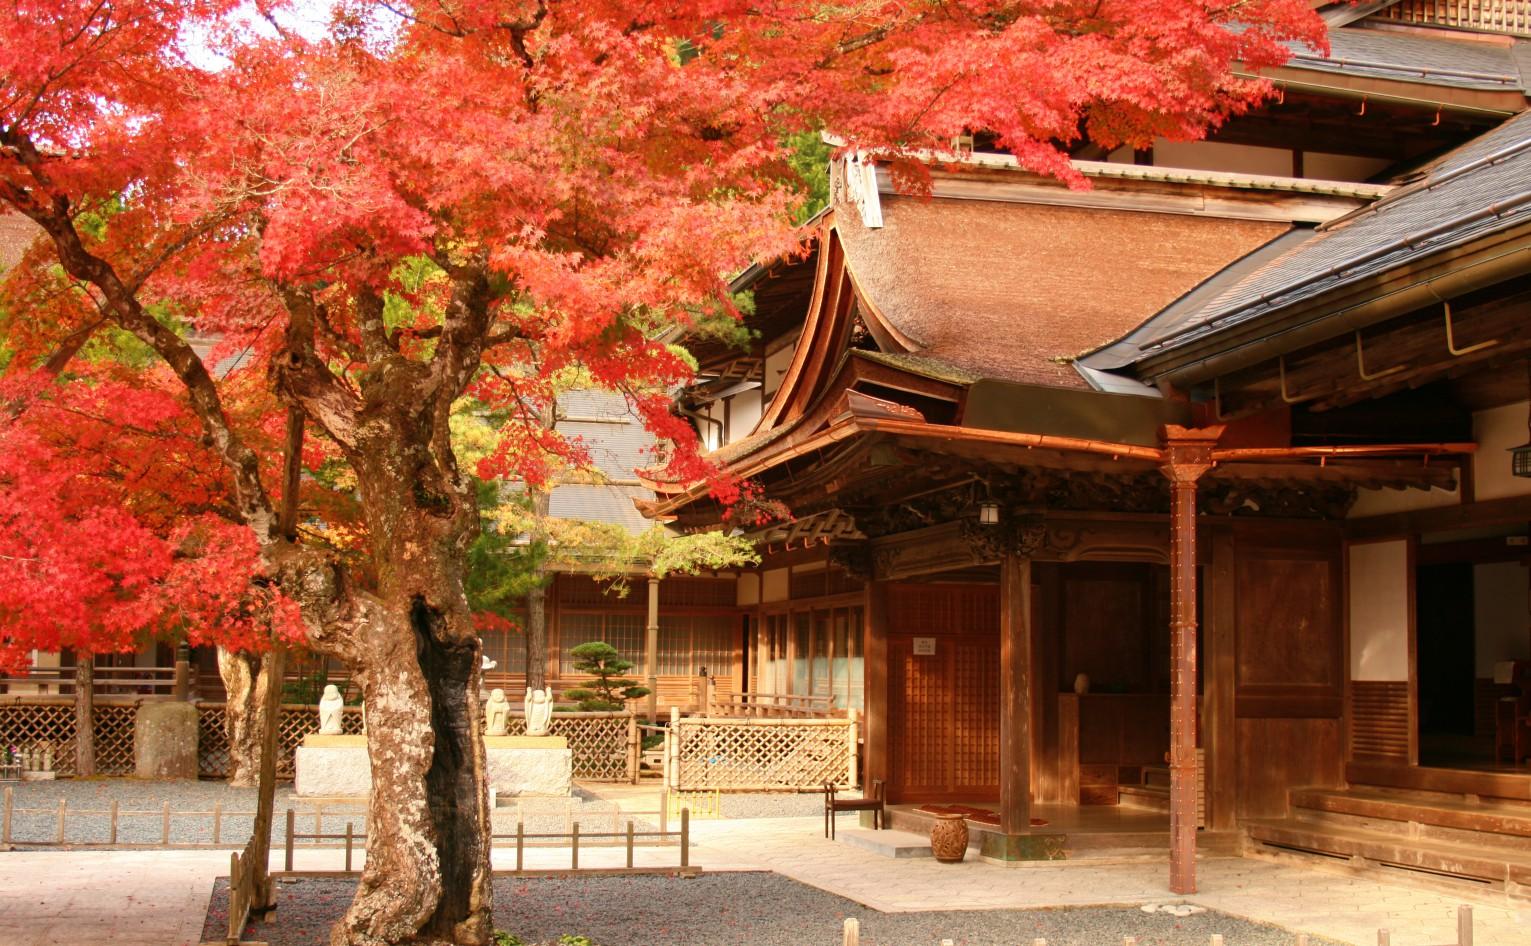 HIROSHIMA - KOYASAN